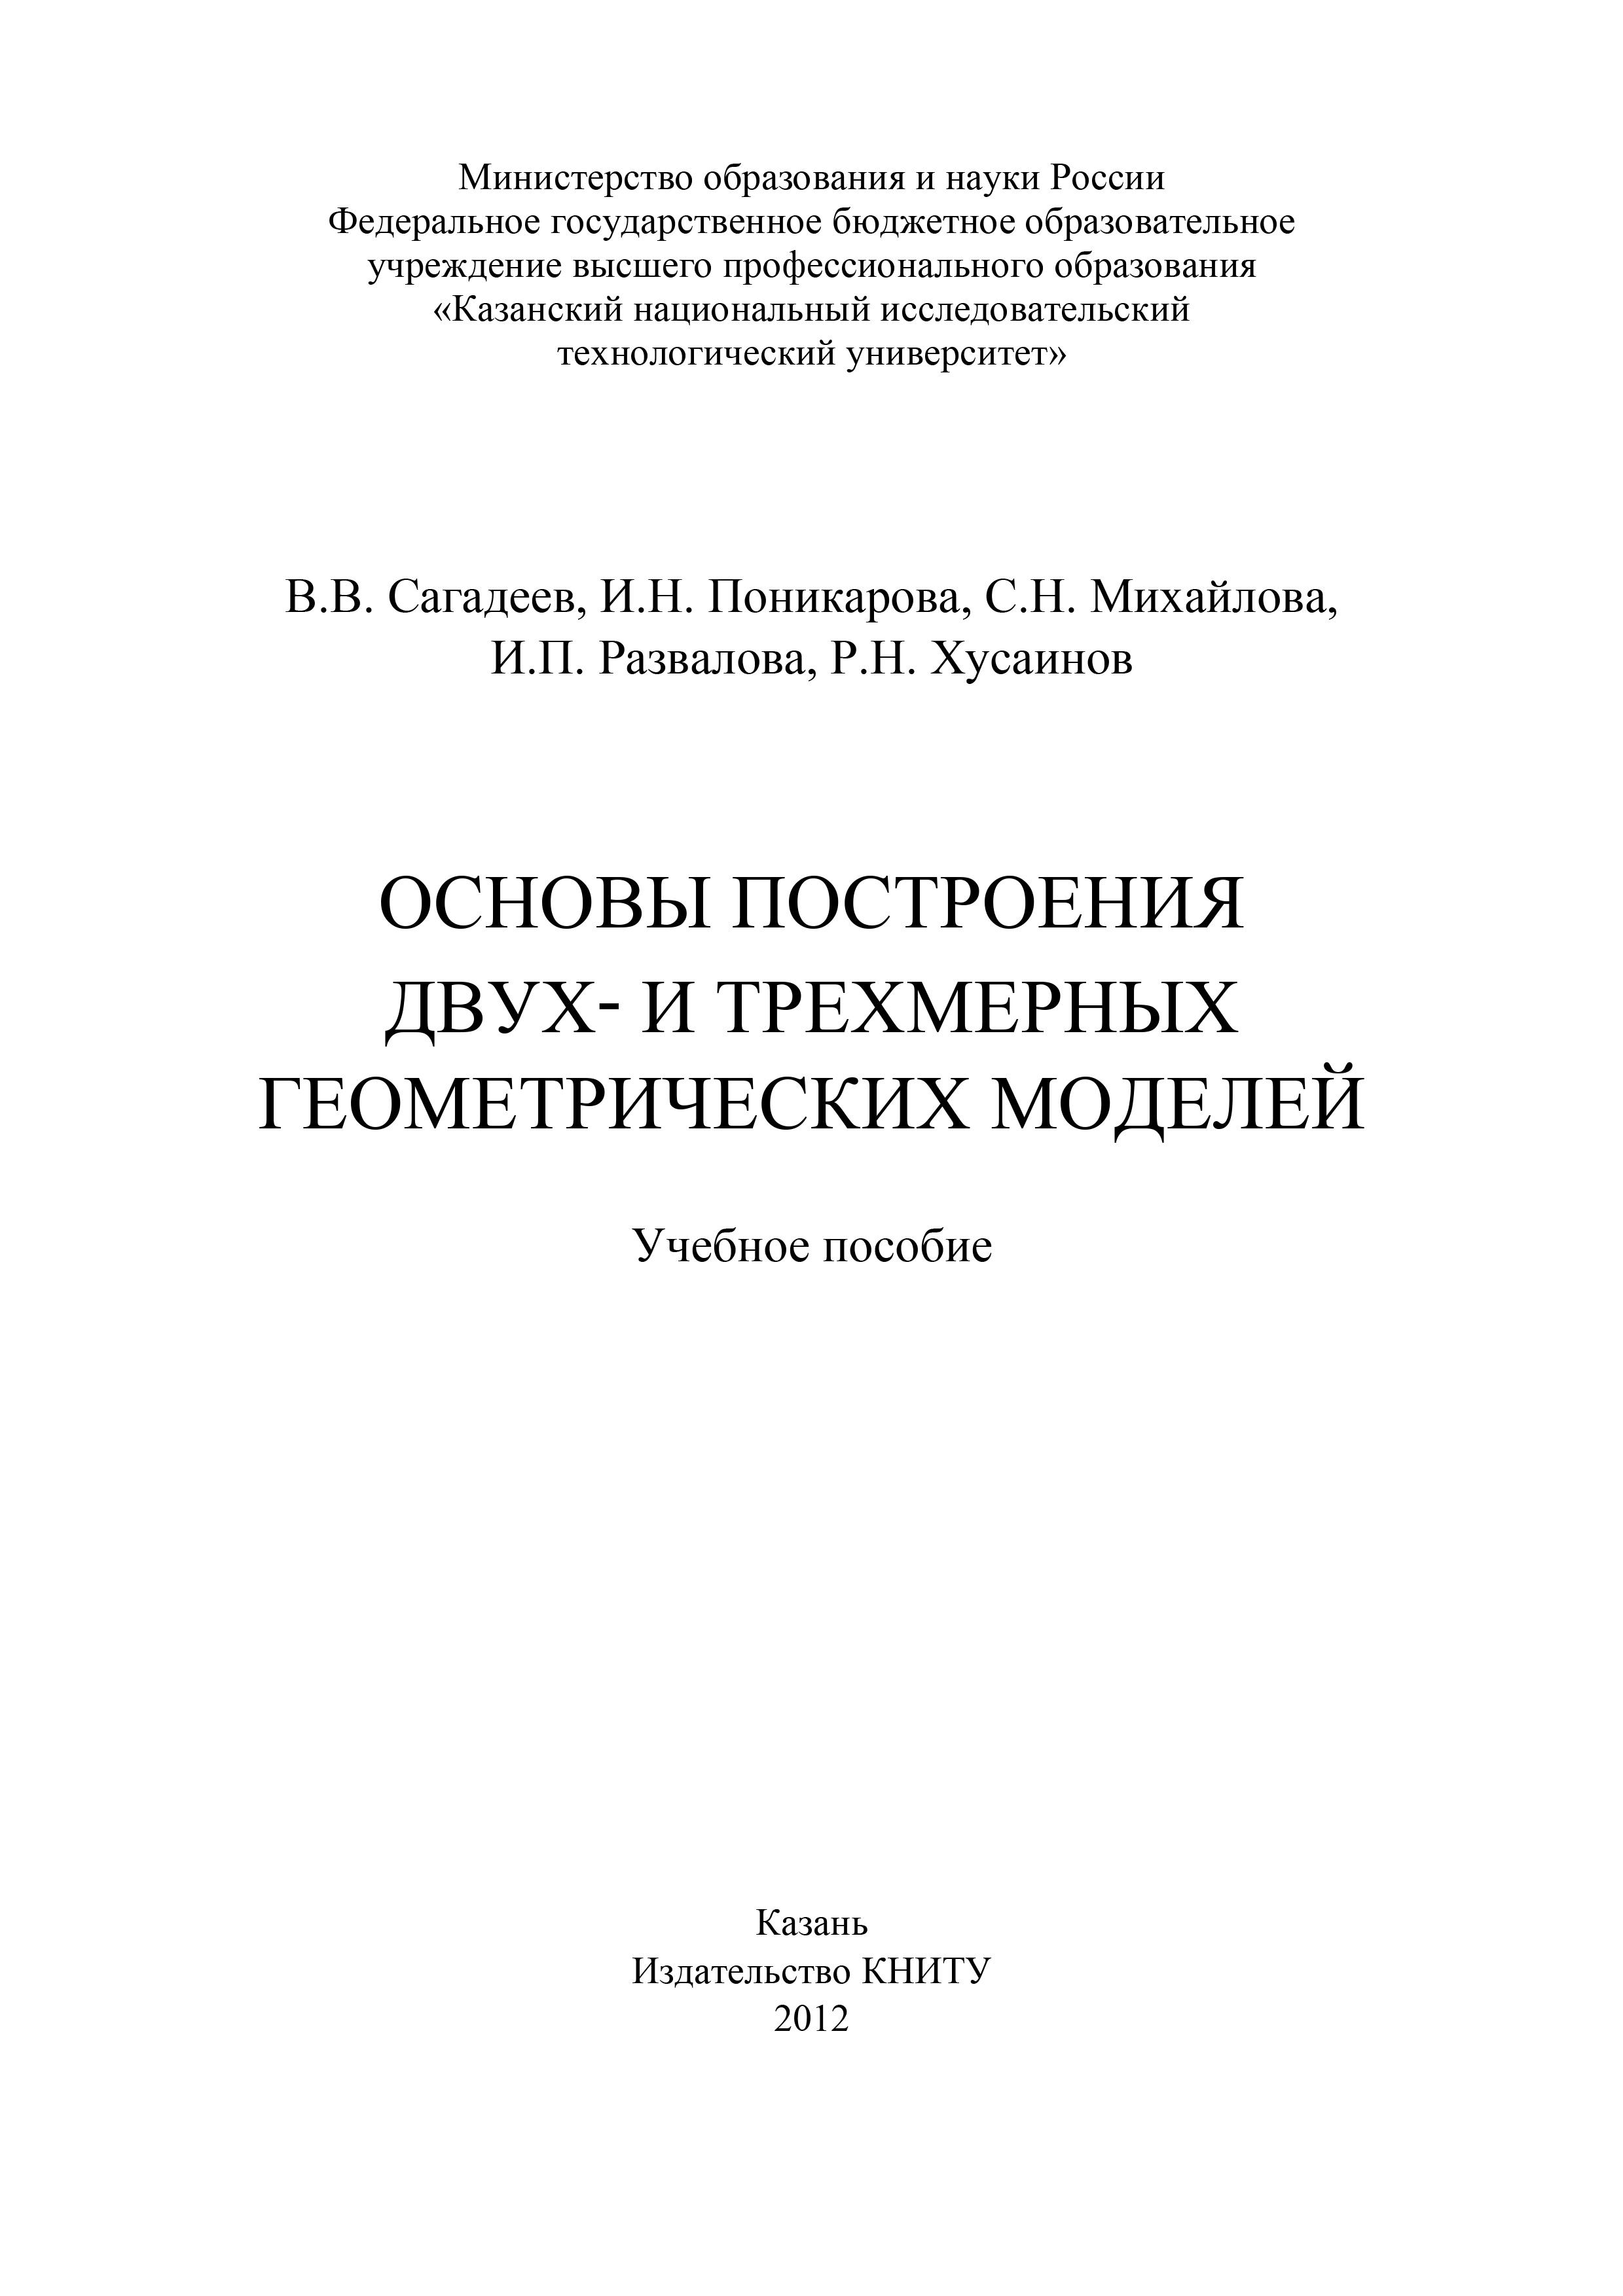 С. Михайлова Основы построения двух- и трехмерных геометрических моделей волошин челпан э начертательная геометрия инженерная графика